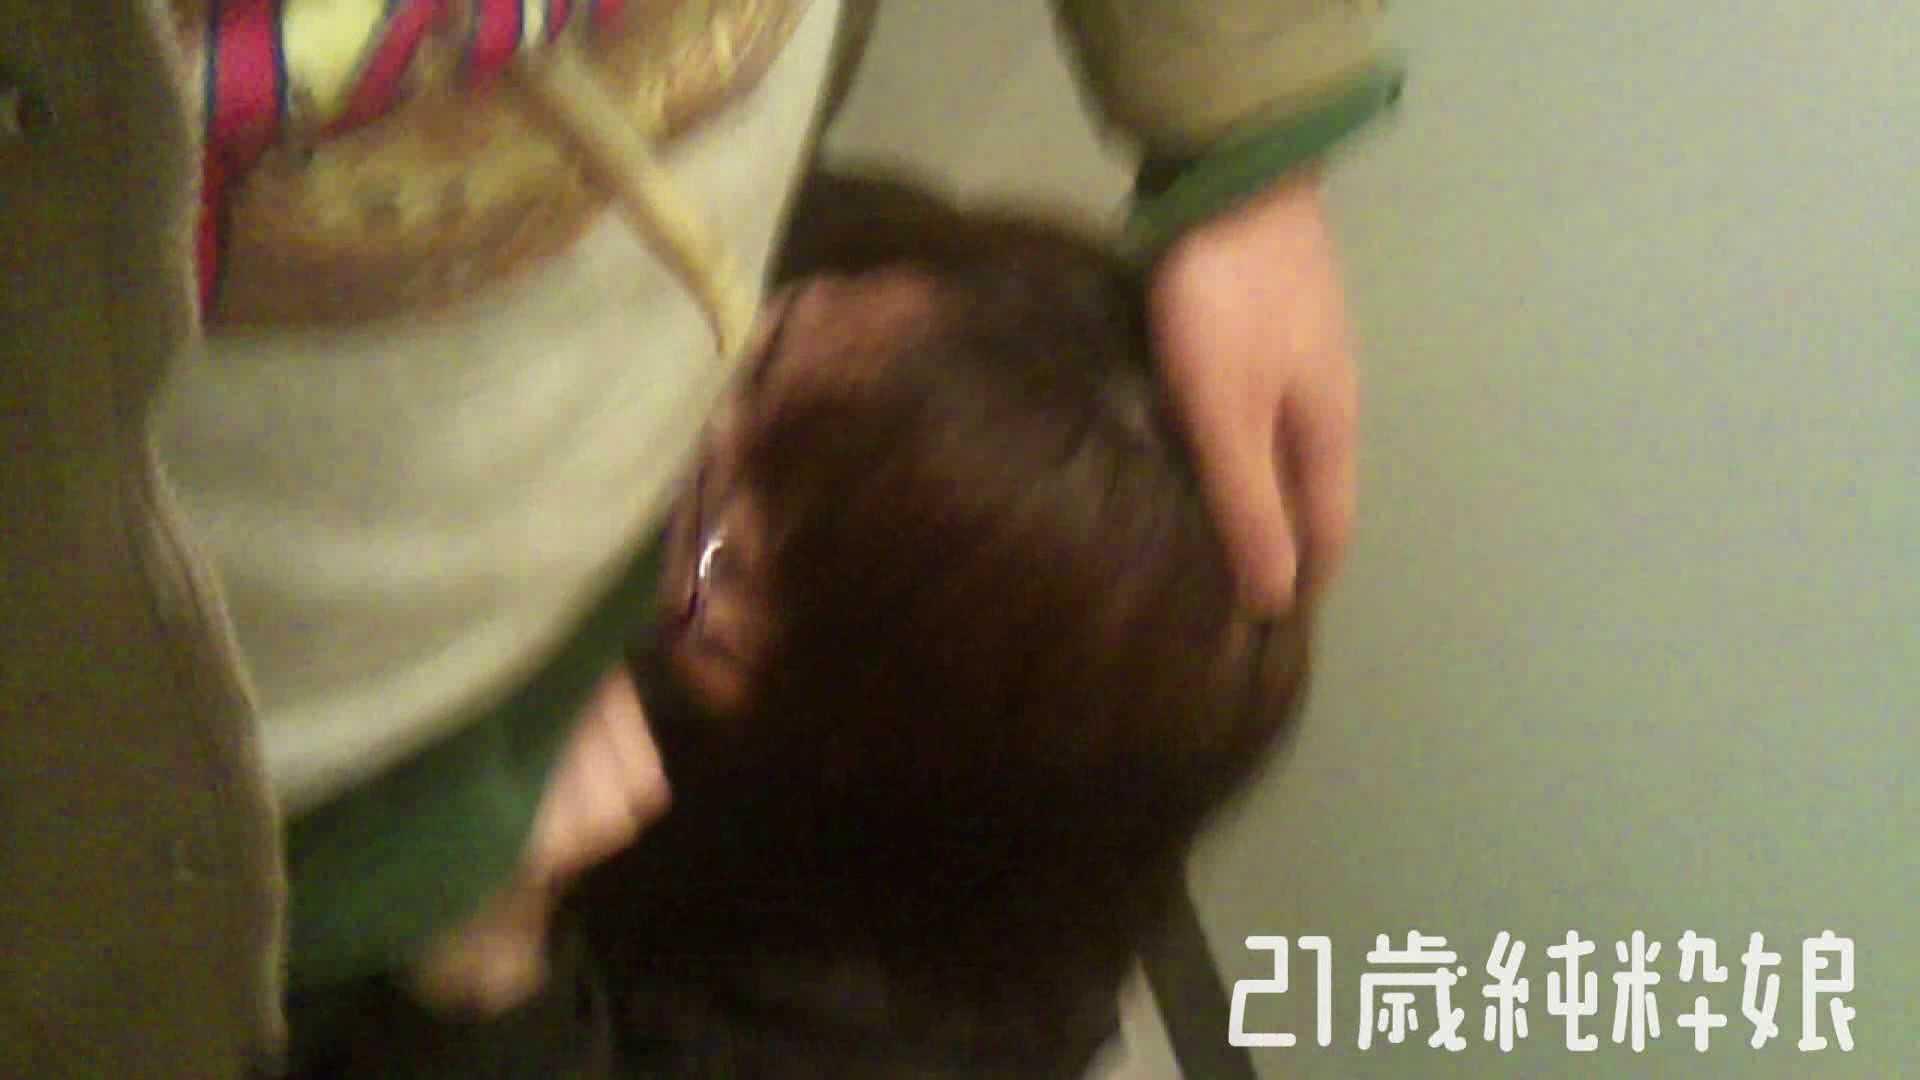 Gカップ21歳純粋嬢第2弾Vol.5 OL | 学校  75連発 33